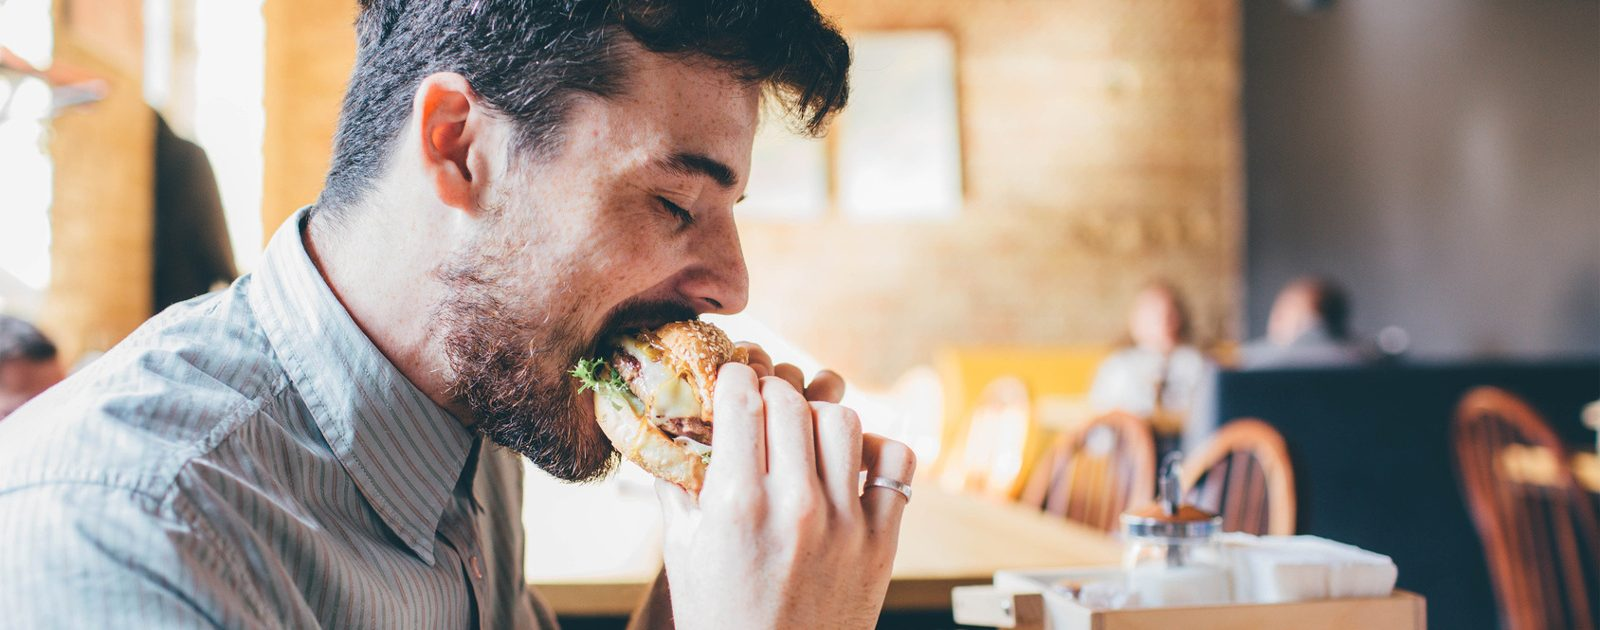 Mann beißt in einen Burger